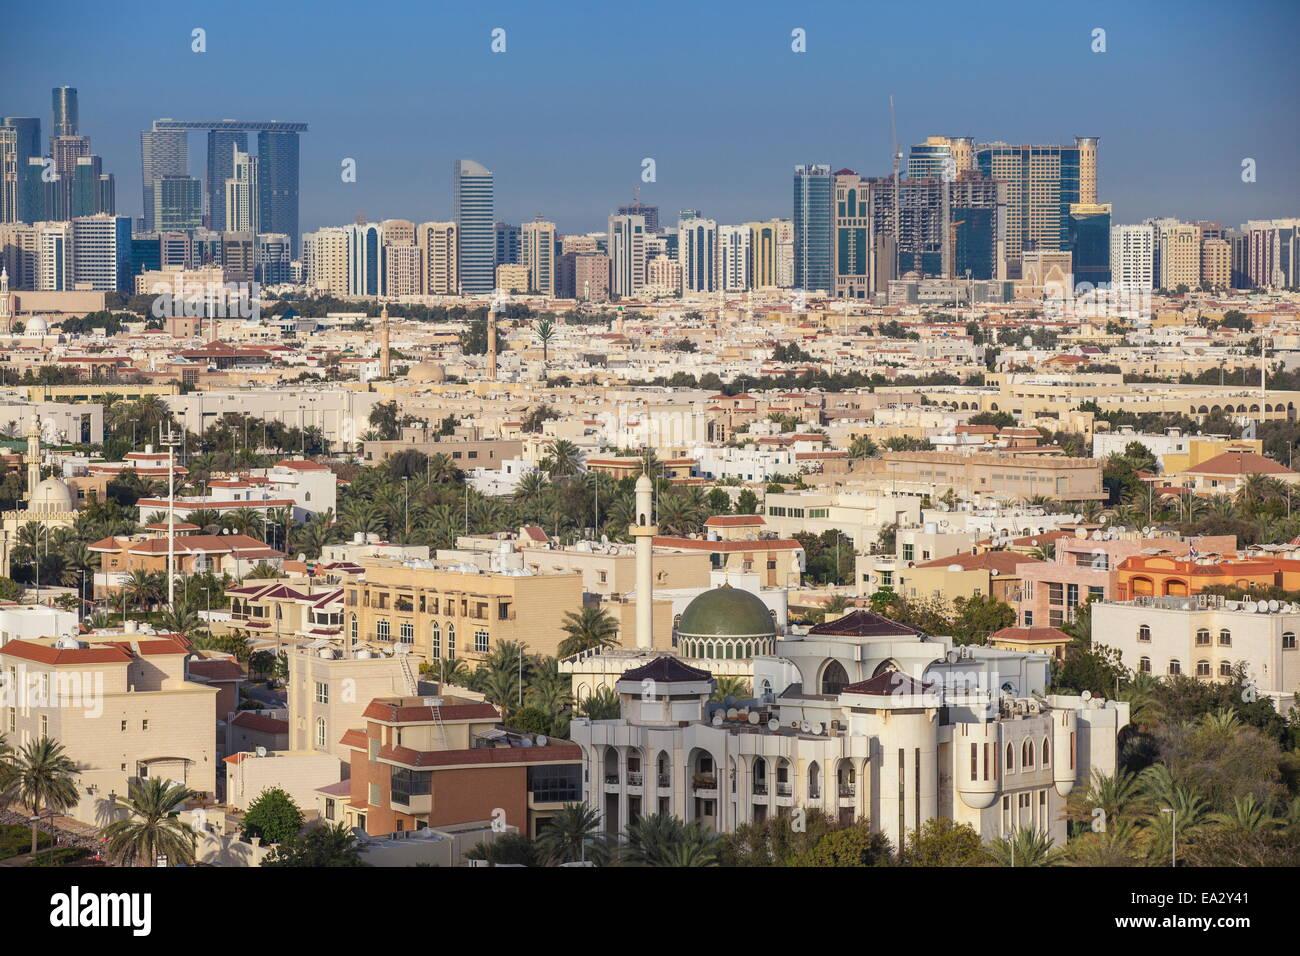 Vista de la ciudad de Abu Dhabi, Emiratos Árabes Unidos, Oriente Medio Imagen De Stock